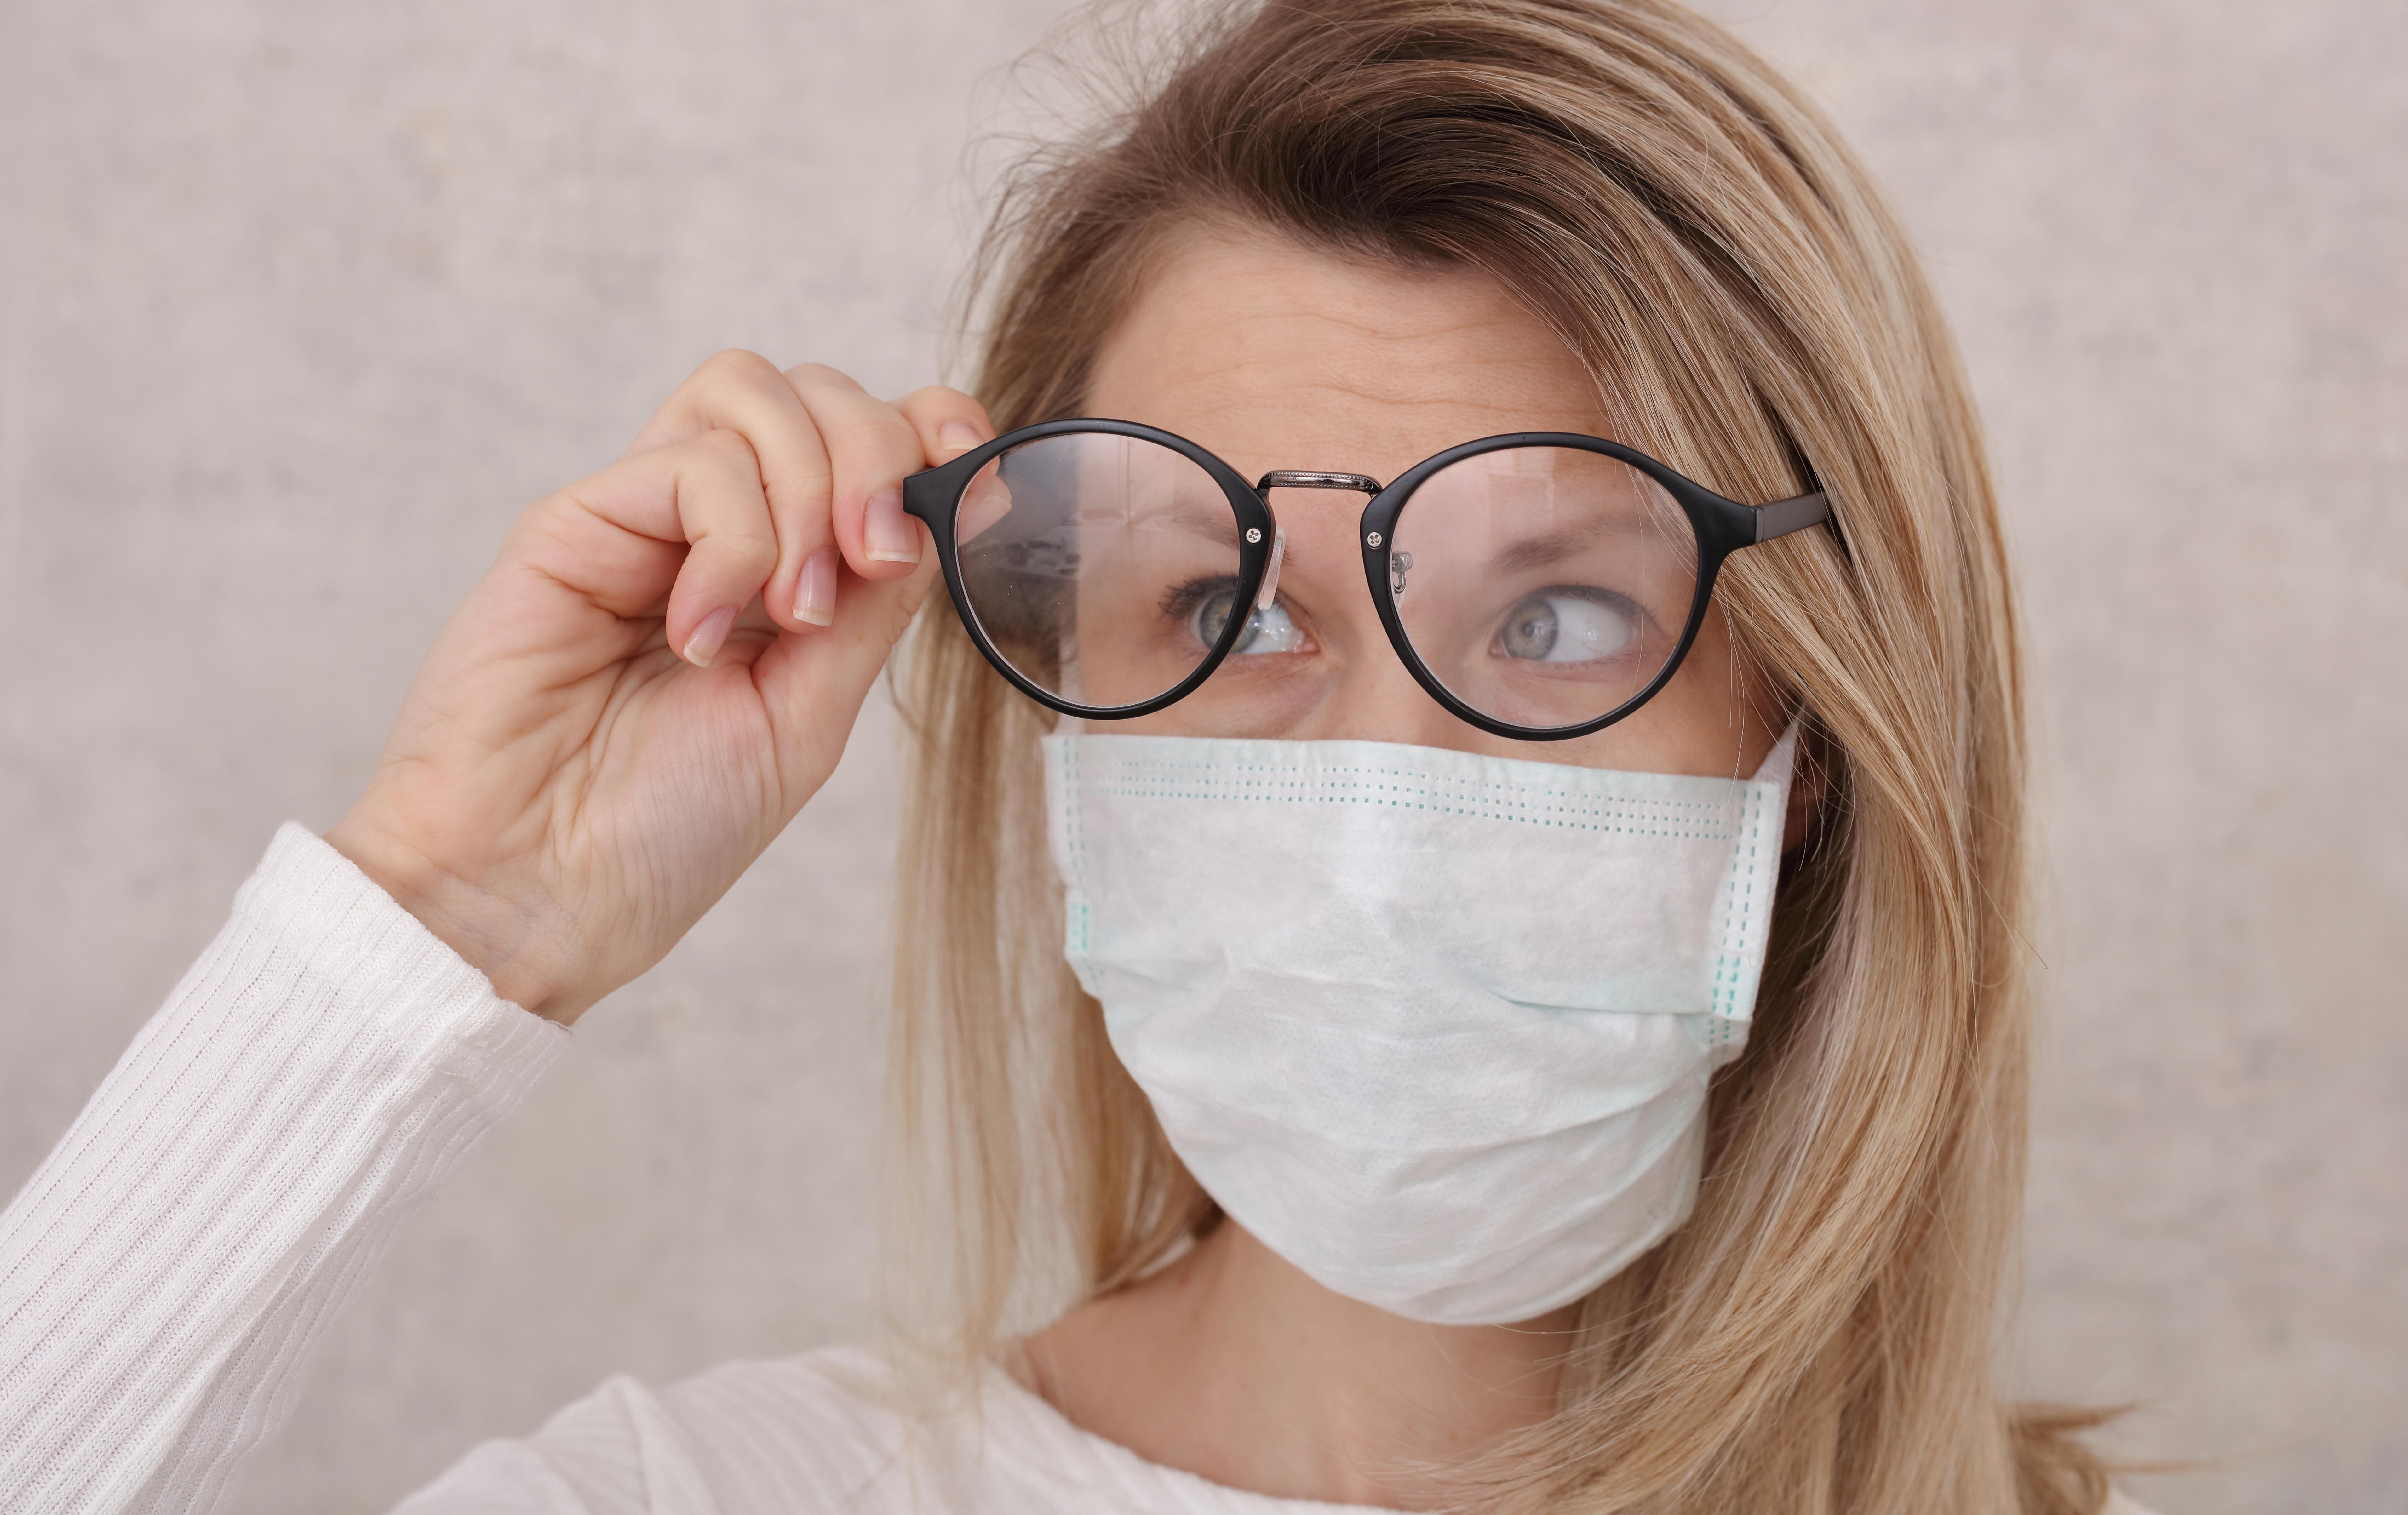 Ţi se aburesc ochelarii când porţi mască? Nu, dacă foloseşti acest mic truc